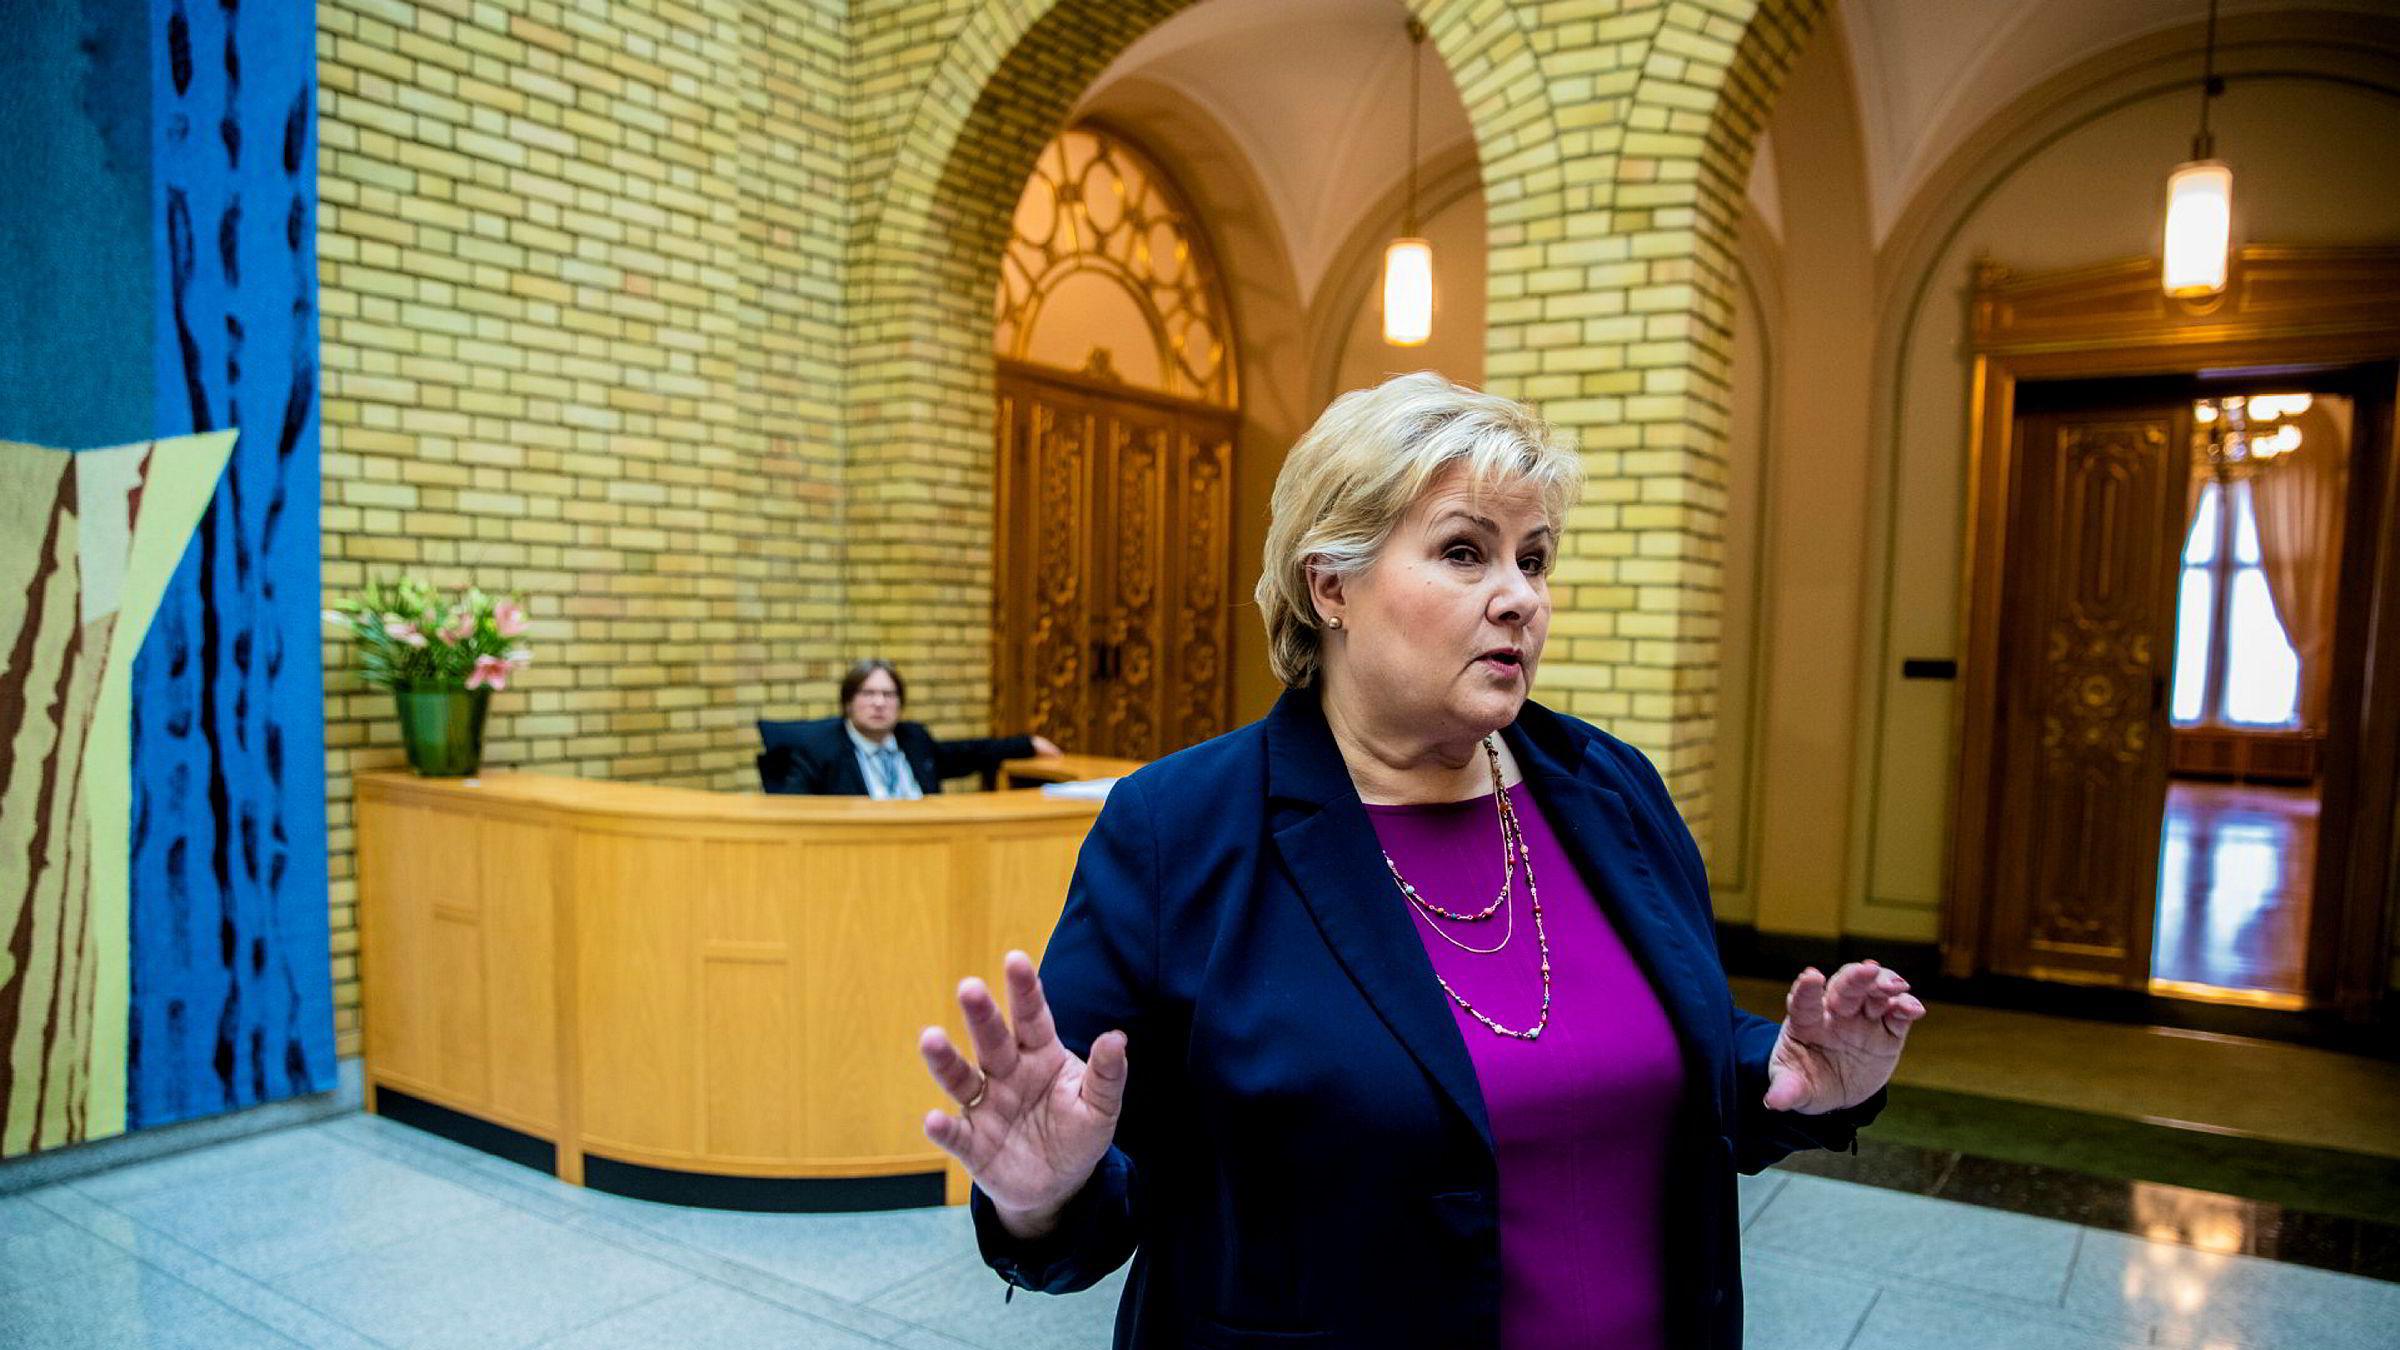 Statsminister Erna Solberg (H) må svare på om hun visste om PSTs ulovlige innhenting av data om norske flypassasjerer. Foto: Stian Lysberg Solum / NTB scanpix